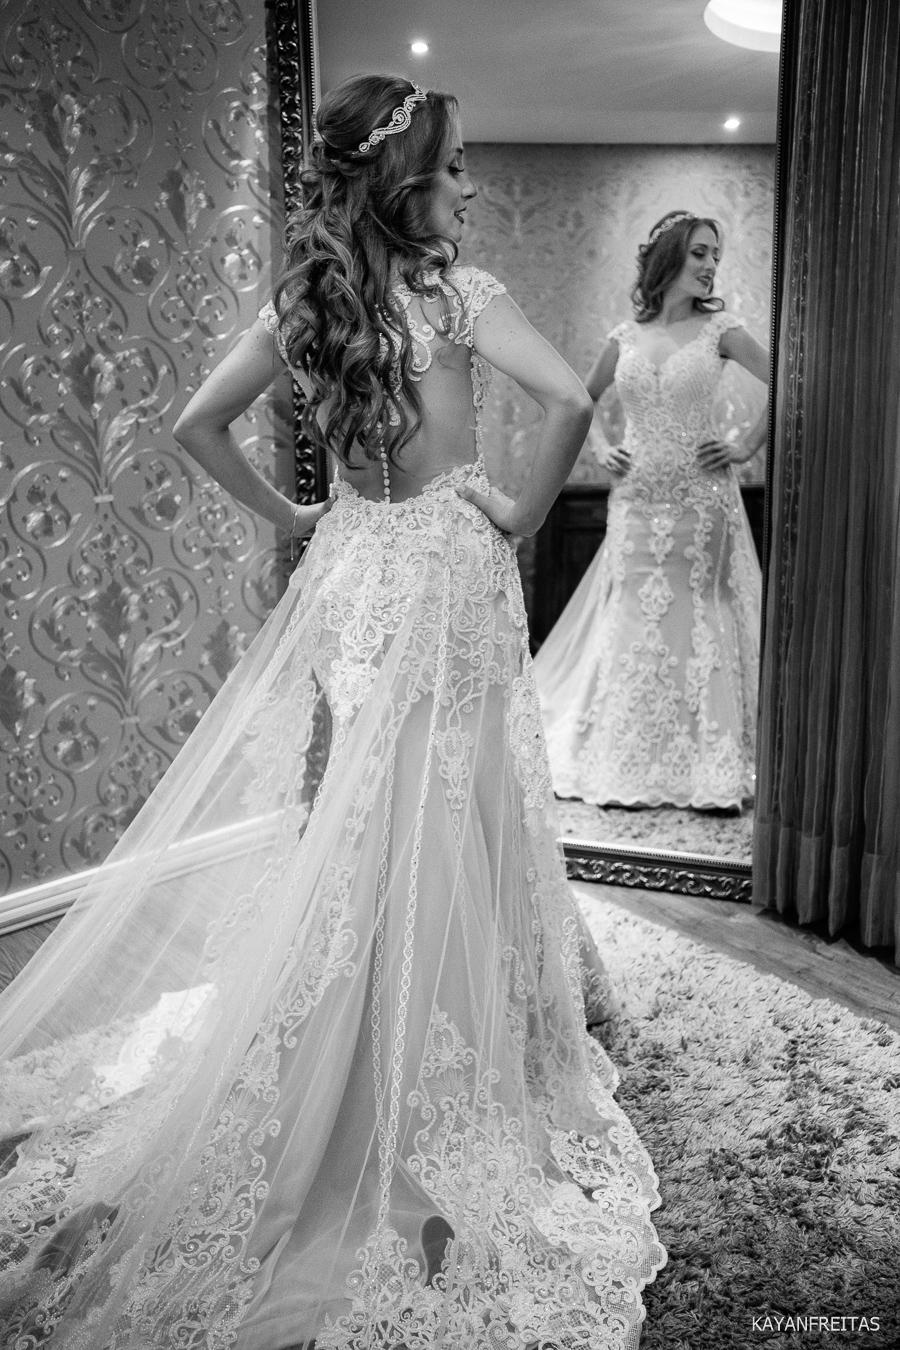 fotografo-casamento-floripa-0042 Fotografia de Casamento - Caroline e Eduardo